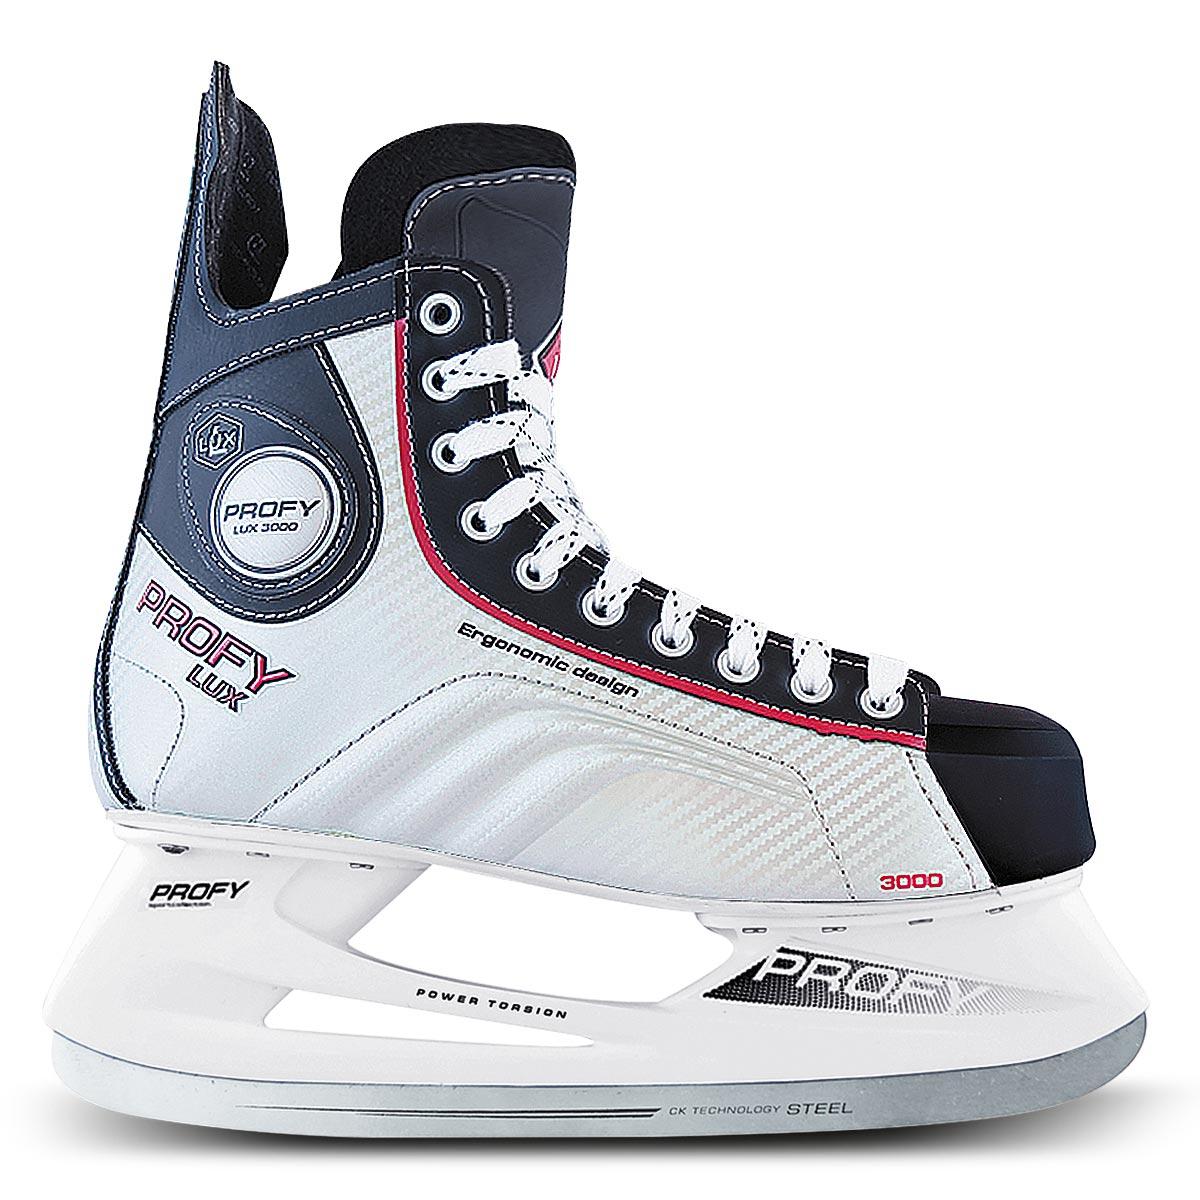 Коньки хоккейные мужские СК Profy Lux 3000, цвет: черный, серебряный, красный. Размер 43Atemi Force 3.0 2012 Black-GrayКоньки хоккейные мужские СК Profy Lux 3000 прекрасно подойдут для профессиональных игроков в хоккей. Ботинок выполнен из морозоустойчивой искусственной кожи и специального резистентного ПВХ, а язычок - из двухслойного войлока и искусственной кожи. Слоевая композитная технология позволила изготовить ботинок, полностью обволакивающий ногу. Это обеспечивает прочную и удобную фиксацию ноги, повышает защиту от ударов. Ботинок изготовлен с учетом антропометрии стоп россиян, что обеспечивает комфорт и устойчивость ноги, правильное распределение нагрузки, сильно снижает травмоопасность. Конструкция носка ботинка, изготовленного из ударопрочного энергопоглощающего термопластичного полиуретана Hytrel® (DuPont), обеспечивает увеличенную надежность защиты передней части ступни от ударов. Усиленные боковины ботинка из формованного PVC укрепляют боковую часть ботинка и дополнительно защищают ступню от ударов за счет поглощения энергии. Тип застежки ботинок – классическая шнуровка. Стелька из упругого пенного полимерного материала EVA гарантирует комфортное положение ноги в ботинке, обеспечивает быструю адаптацию ботинка к индивидуальным формам ноги, не теряет упругости при изменении температуры и не разрушается от воздействия пота и влаги. Легкая прочная низкопрофильная полимерная подошва инжекционного формования практически без потерь передает энергию от толчка ноги к лезвию – быстрее набор скорости, резче повороты и остановки, острее чувство льда. Лезвие из нержавеющей стали 420J обеспечит превосходное скольжение.